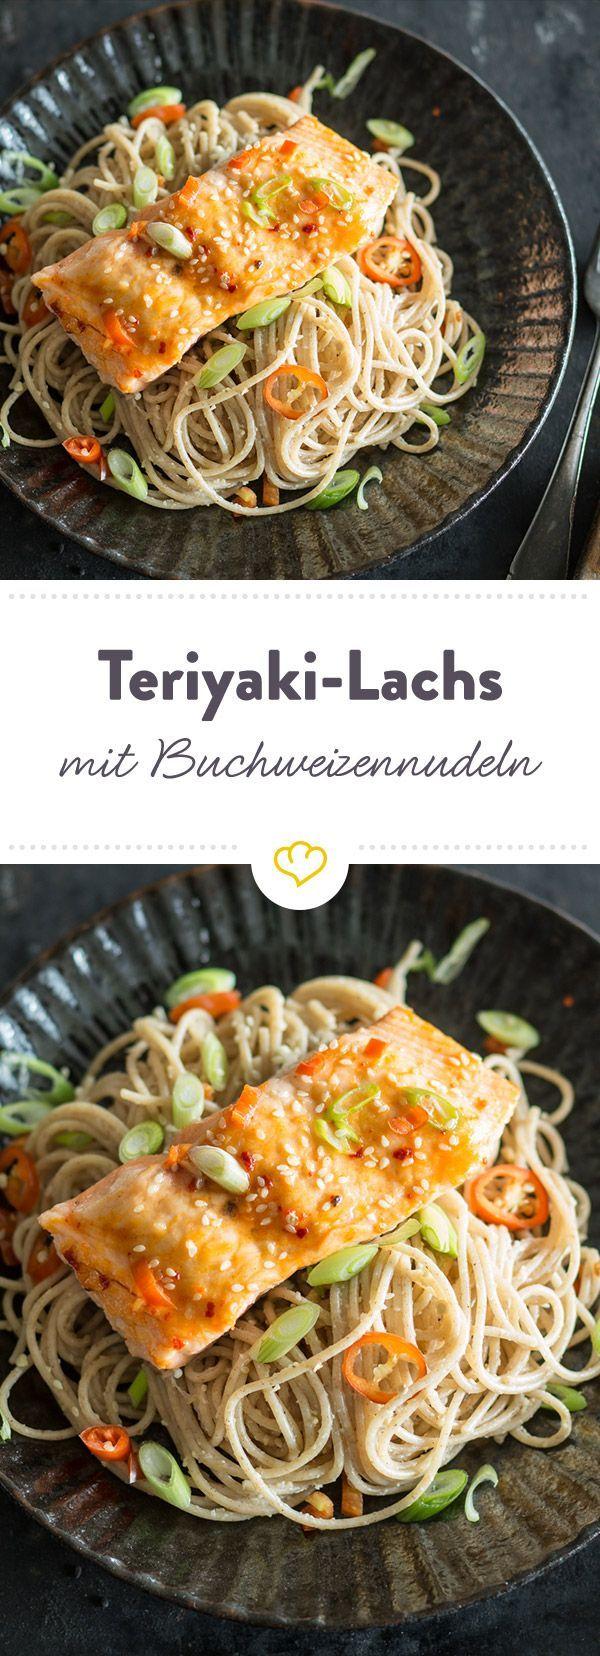 Gebratener Teriyaki-Lachs mit Buchweizennudeln - Lachs - Lieblingsrezepte - #Buchweizennudeln #gebratener #Lachs #LIEBLINGSREZEPTE #mit #TeriyakiLachs #salmonteriyaki